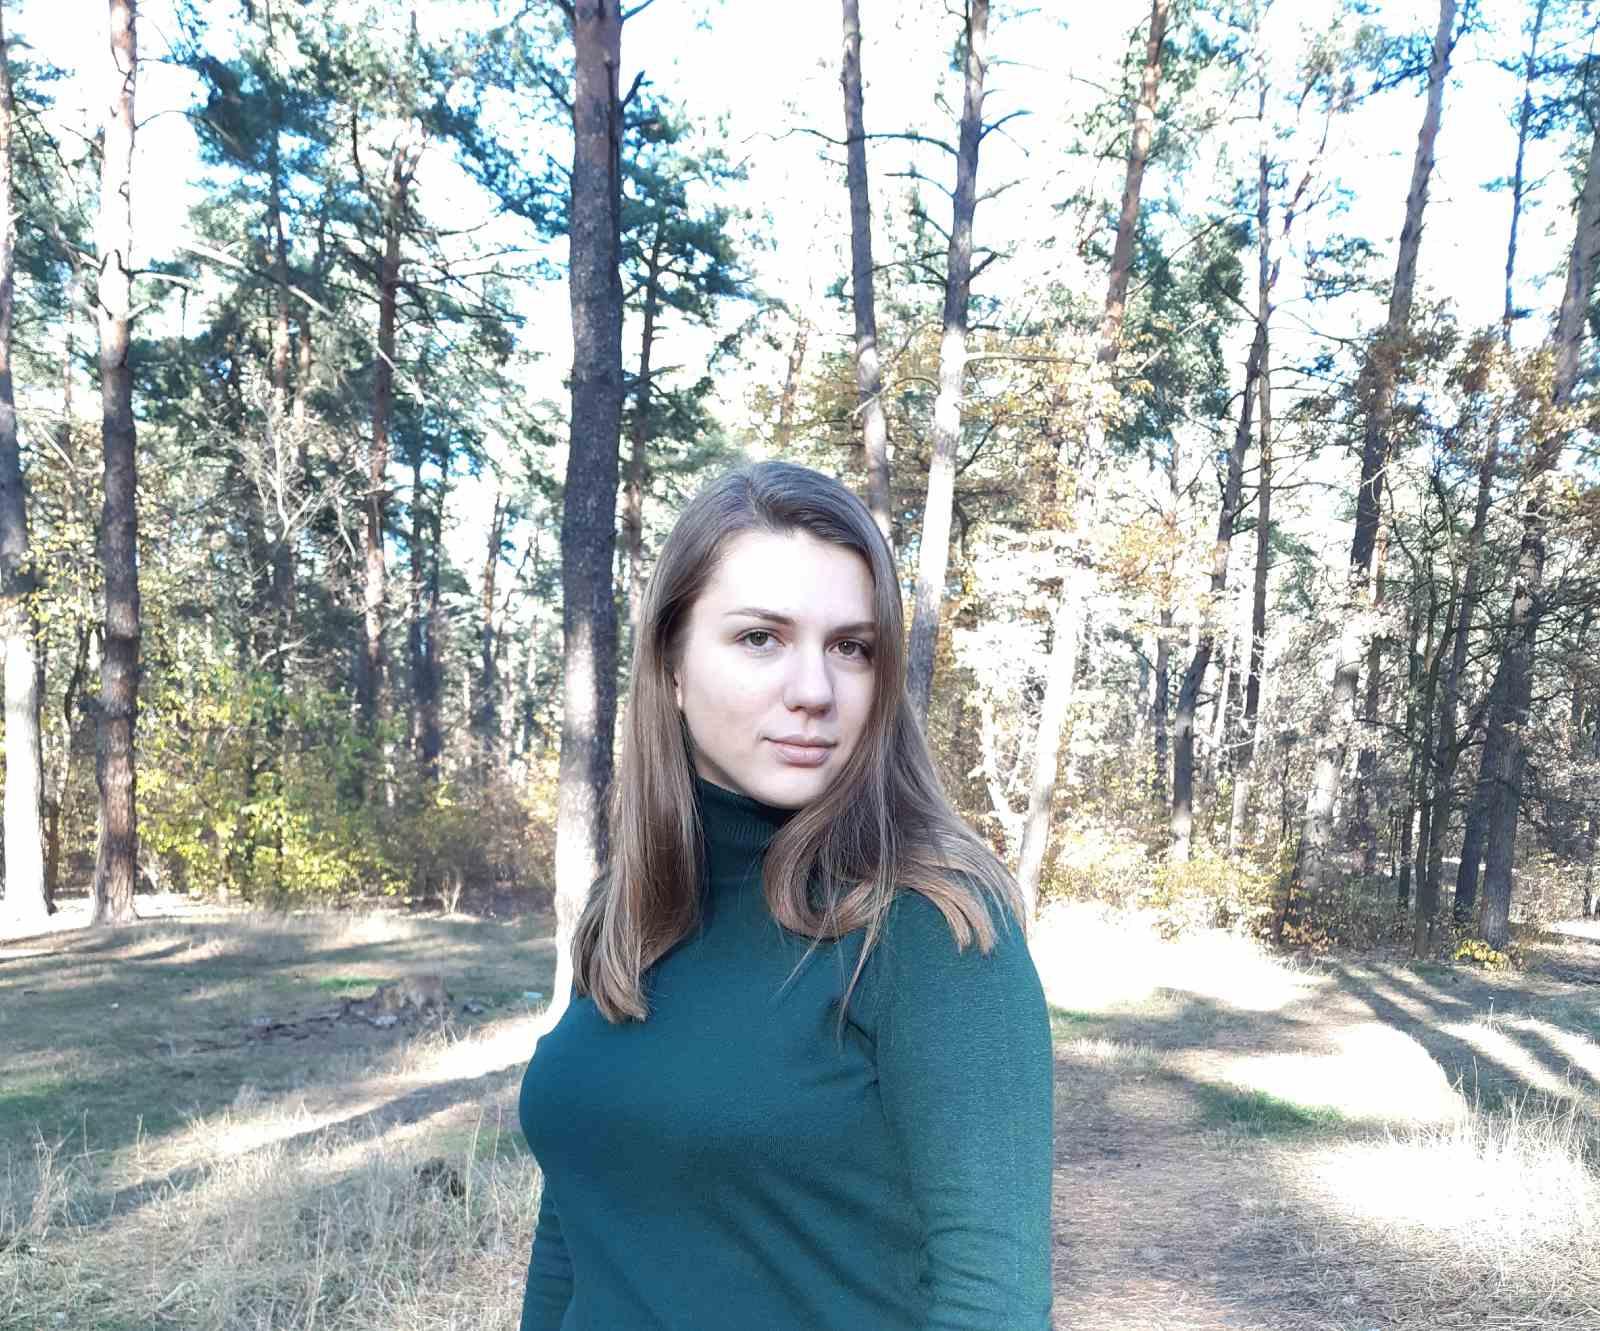 Вікторія Демура — стипендіатка благодійного фонду «Повір у себе»